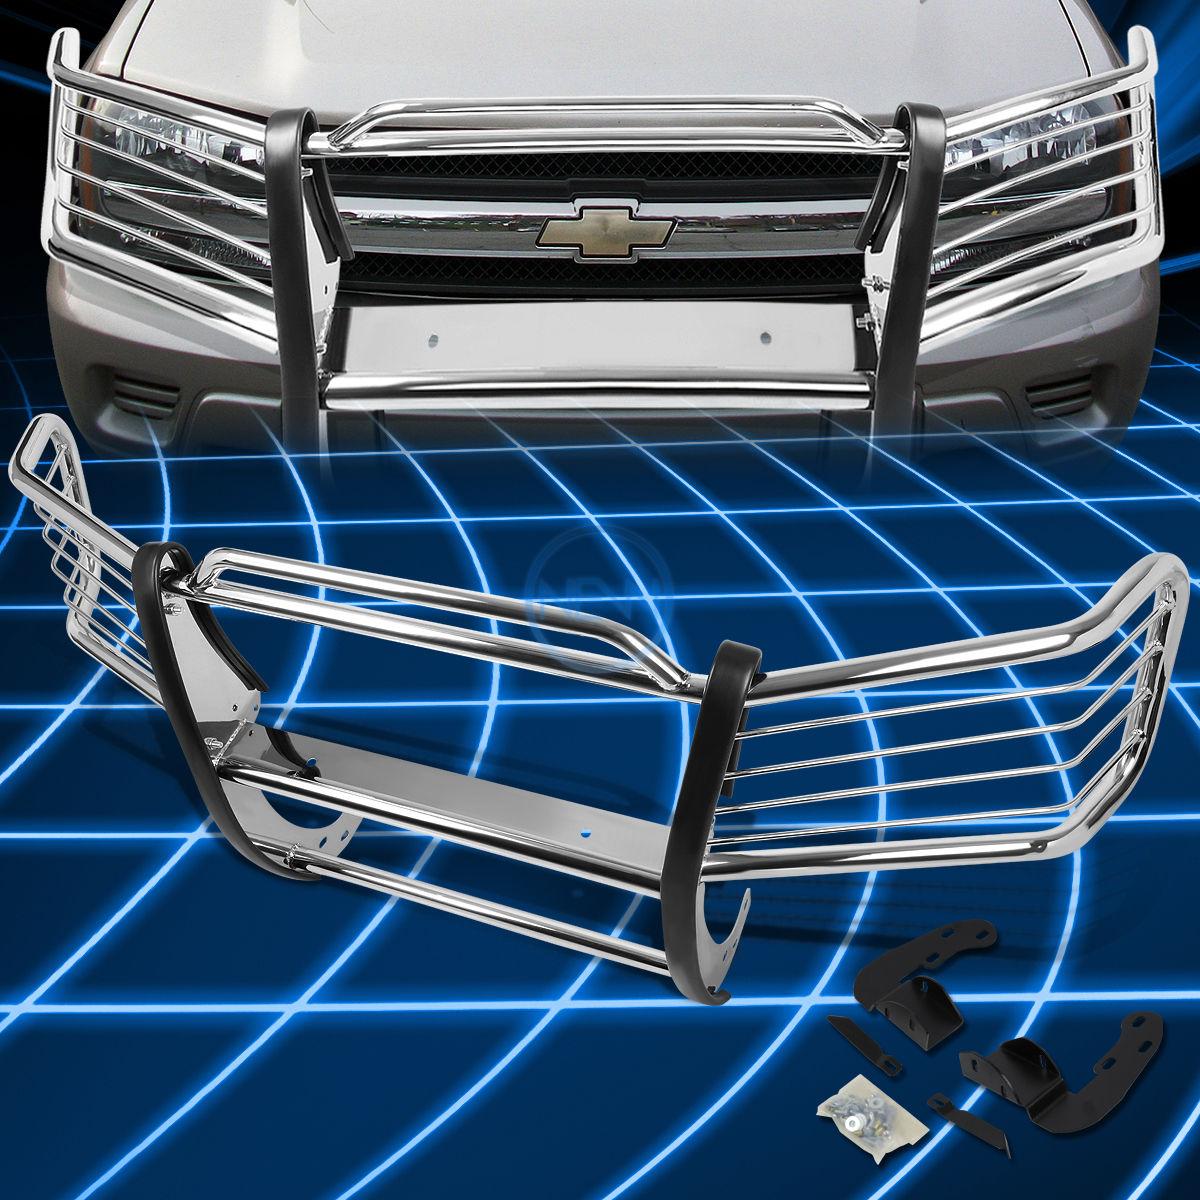 グリル クロムブラシバンパープロテクターグリルガード(2002?2009年)Chevy Trailblazer Ext Chrome Brush Bumper Protector Grille Guard for 2002-2009 Chevy Trailblazer Ext